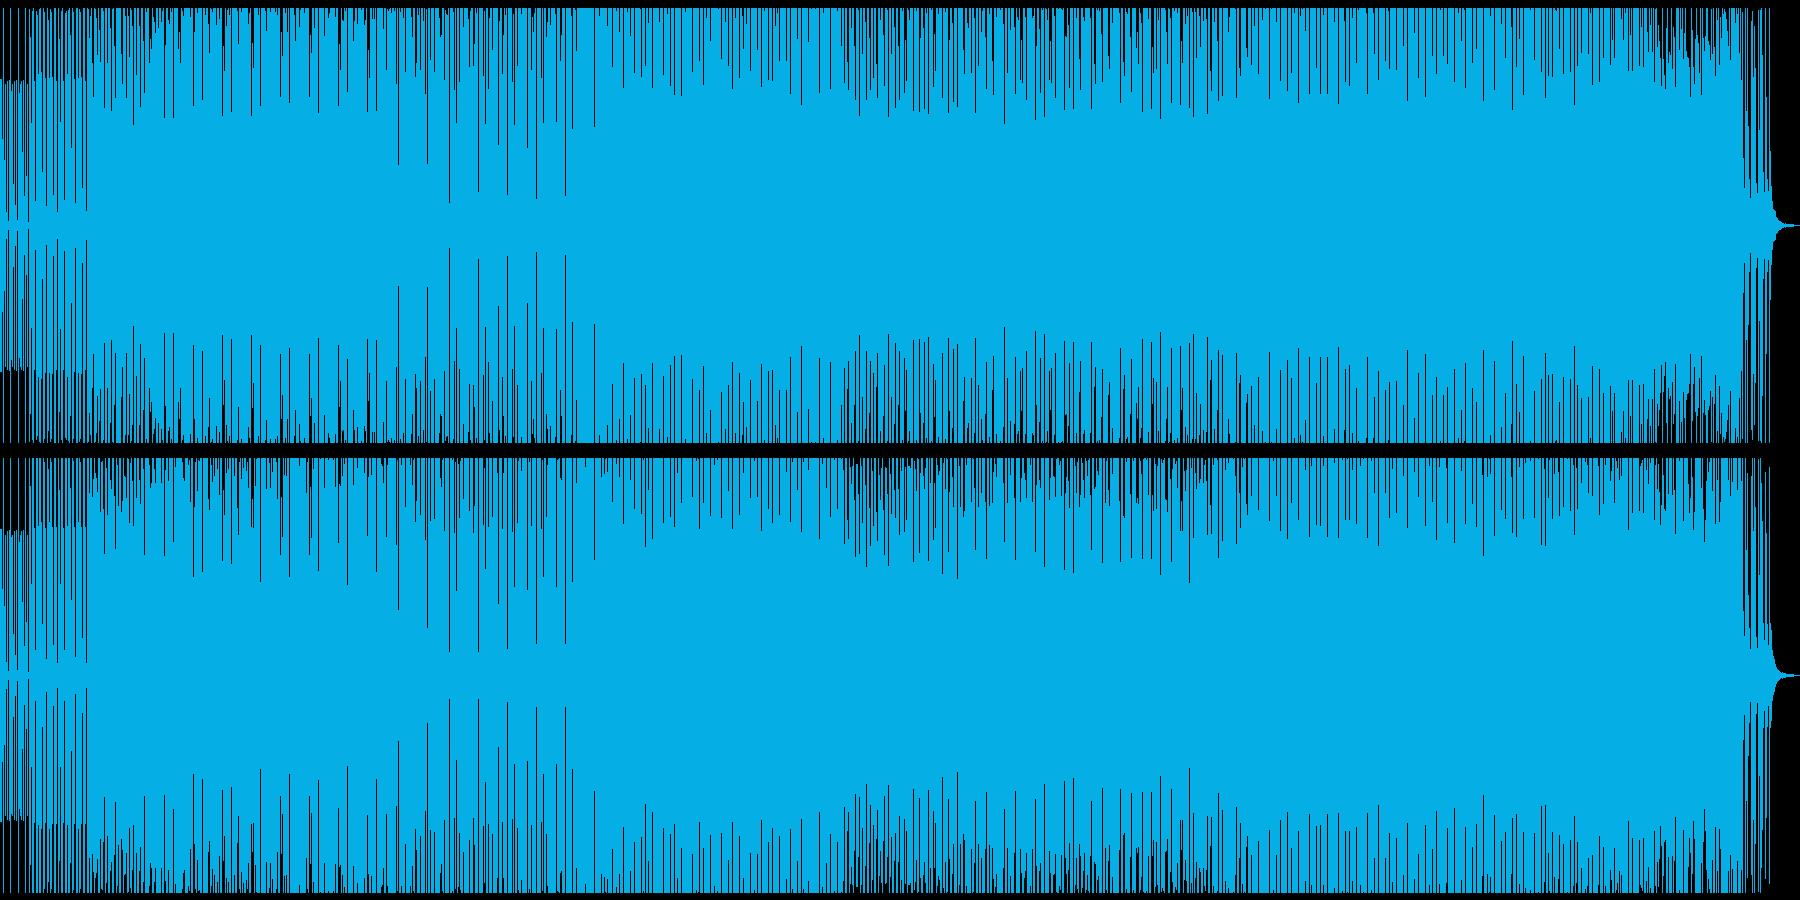 4つ打ちダンス系クラブミュージックの再生済みの波形